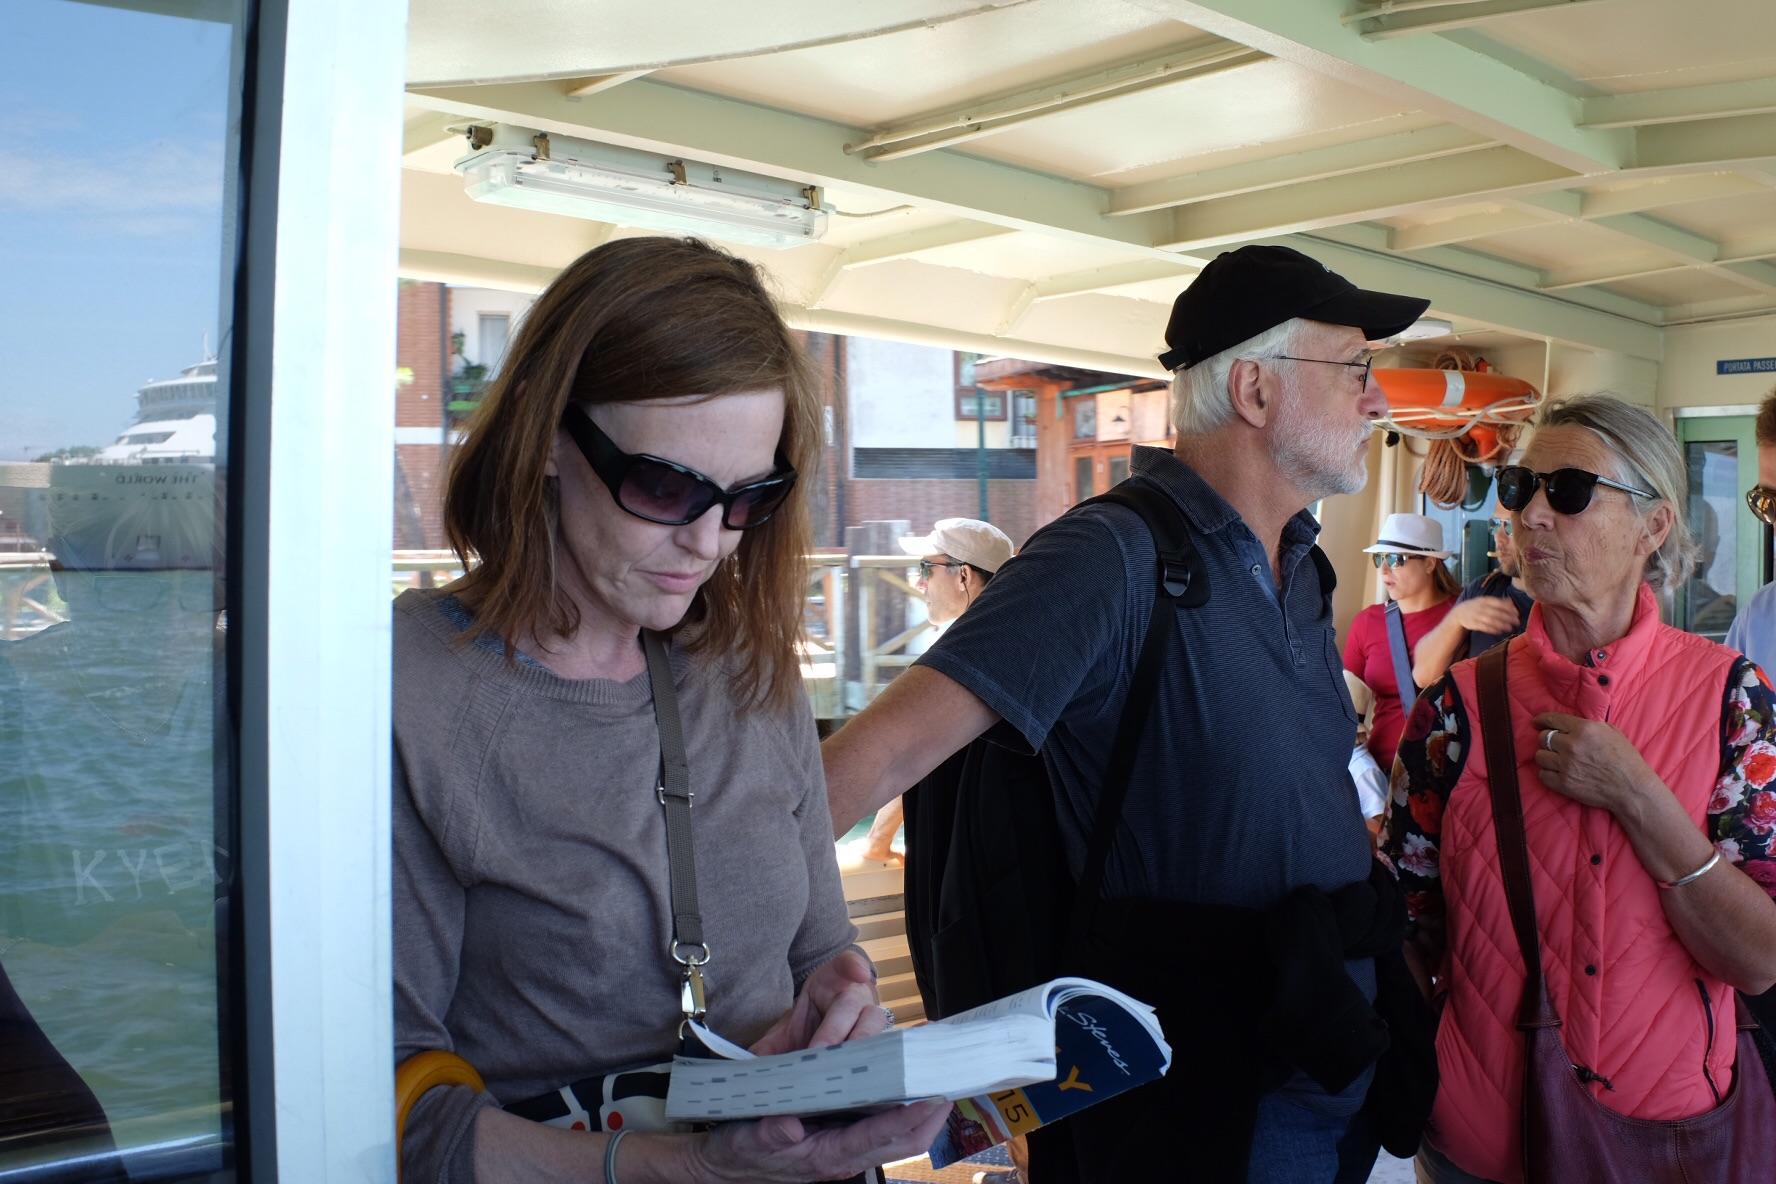 Tourist reading on vaporetto